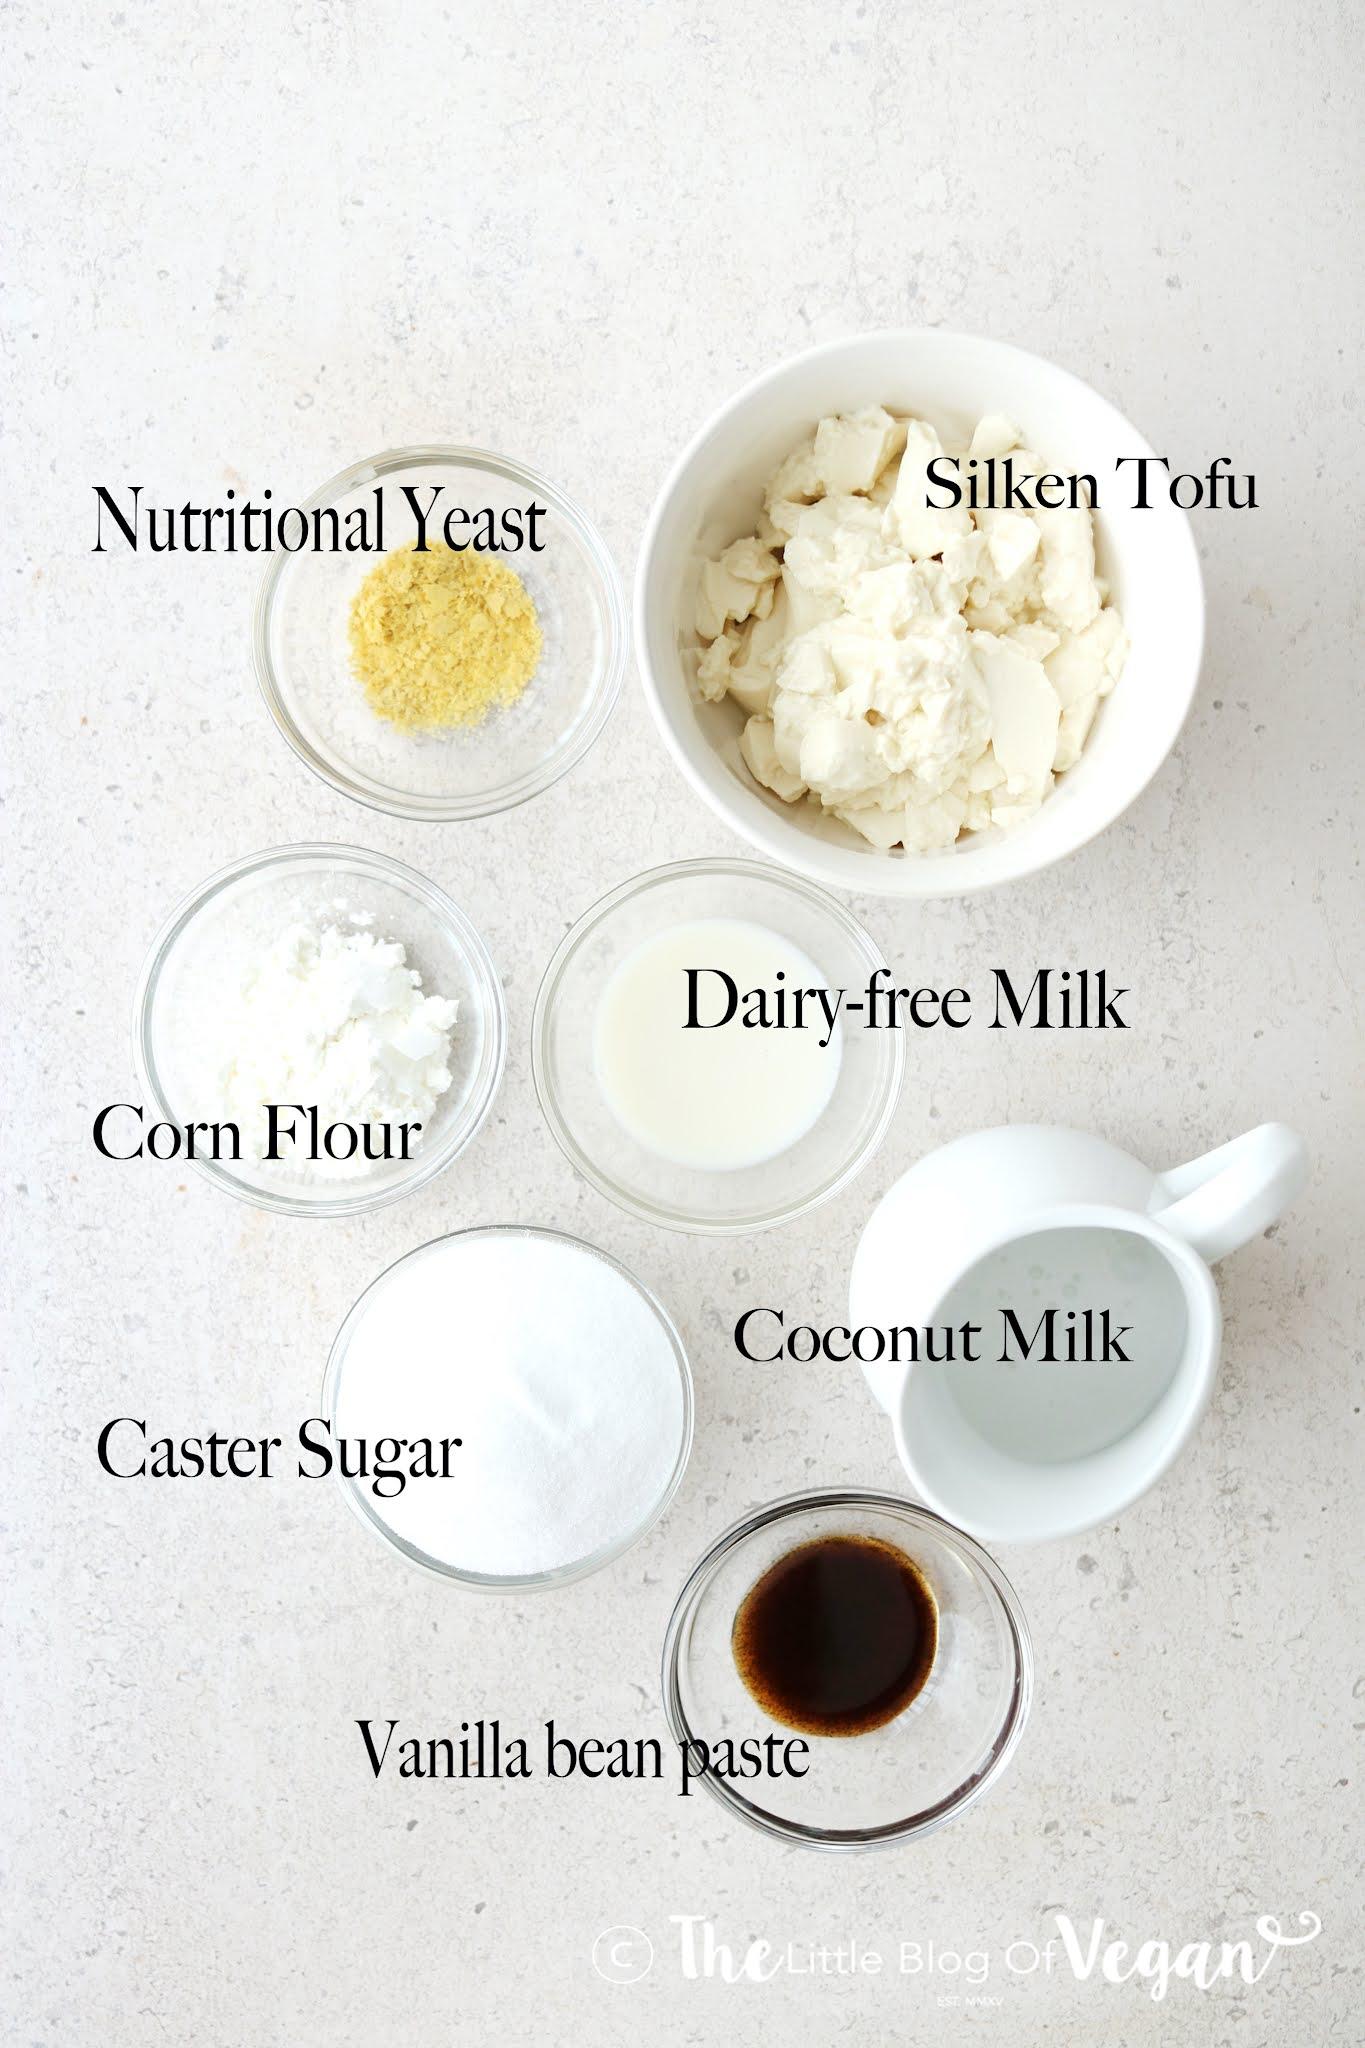 Ingredients for a creme brûlée